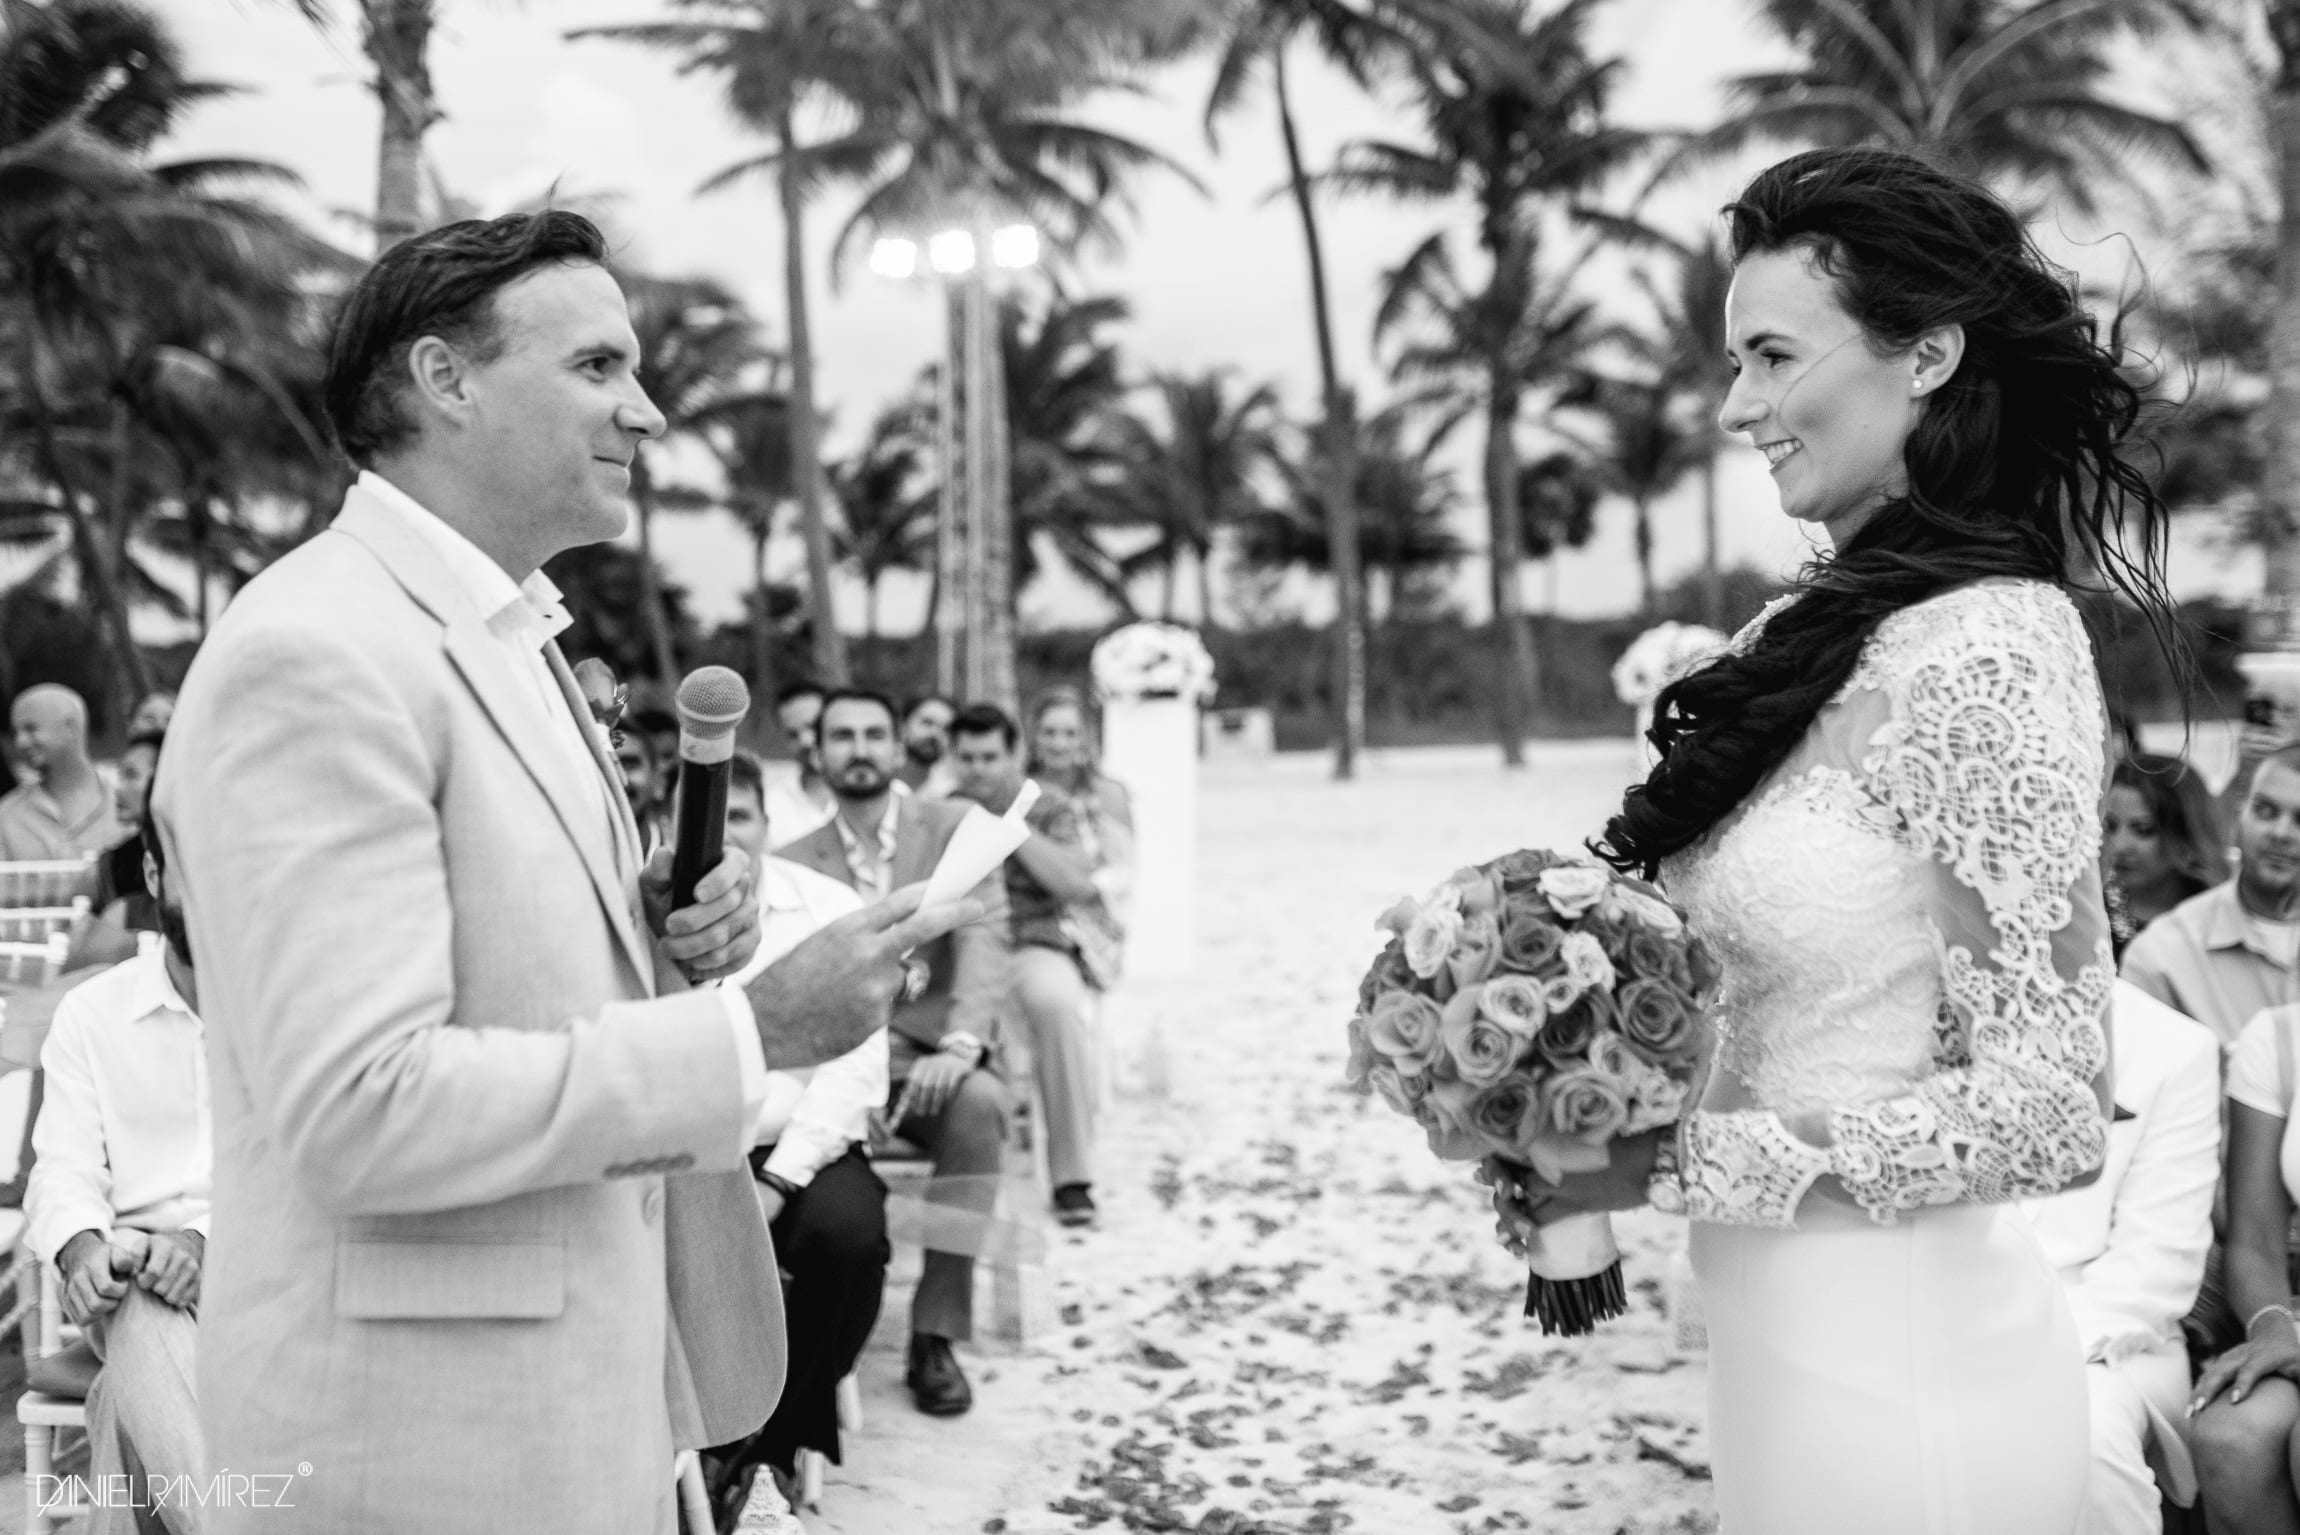 barcelo-wedding-photos-1982